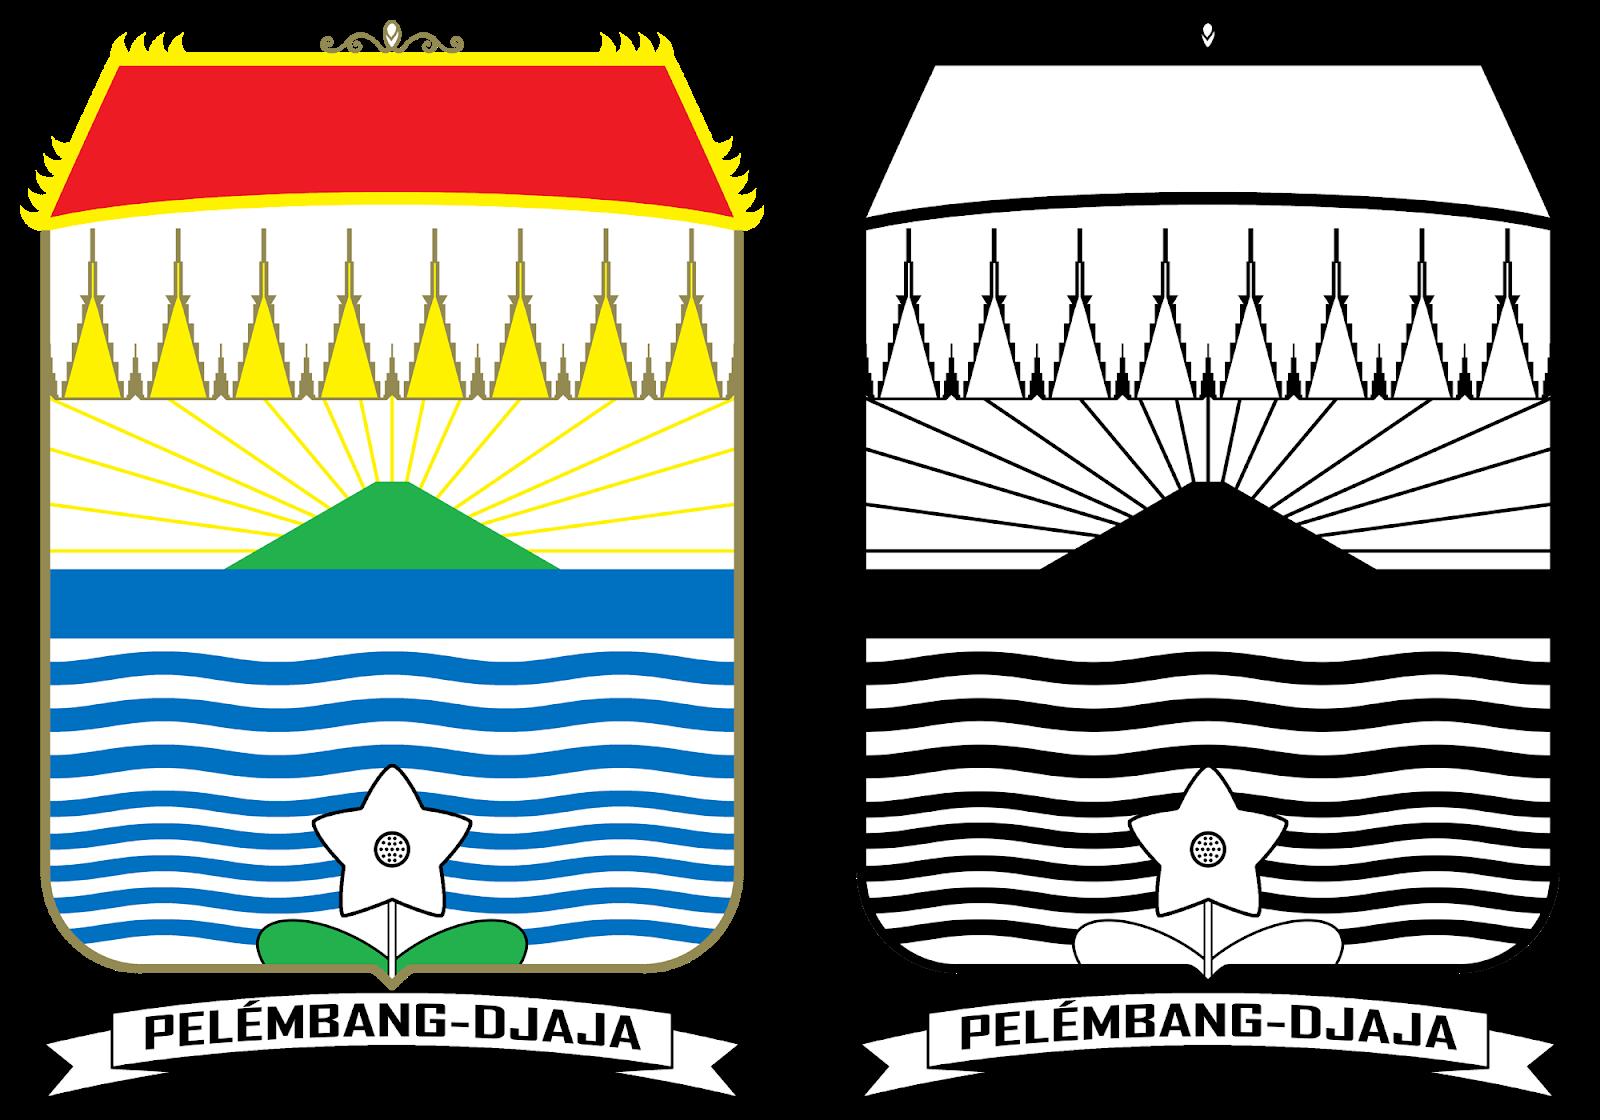 Bakanekobaka Lambang Kota Palembang